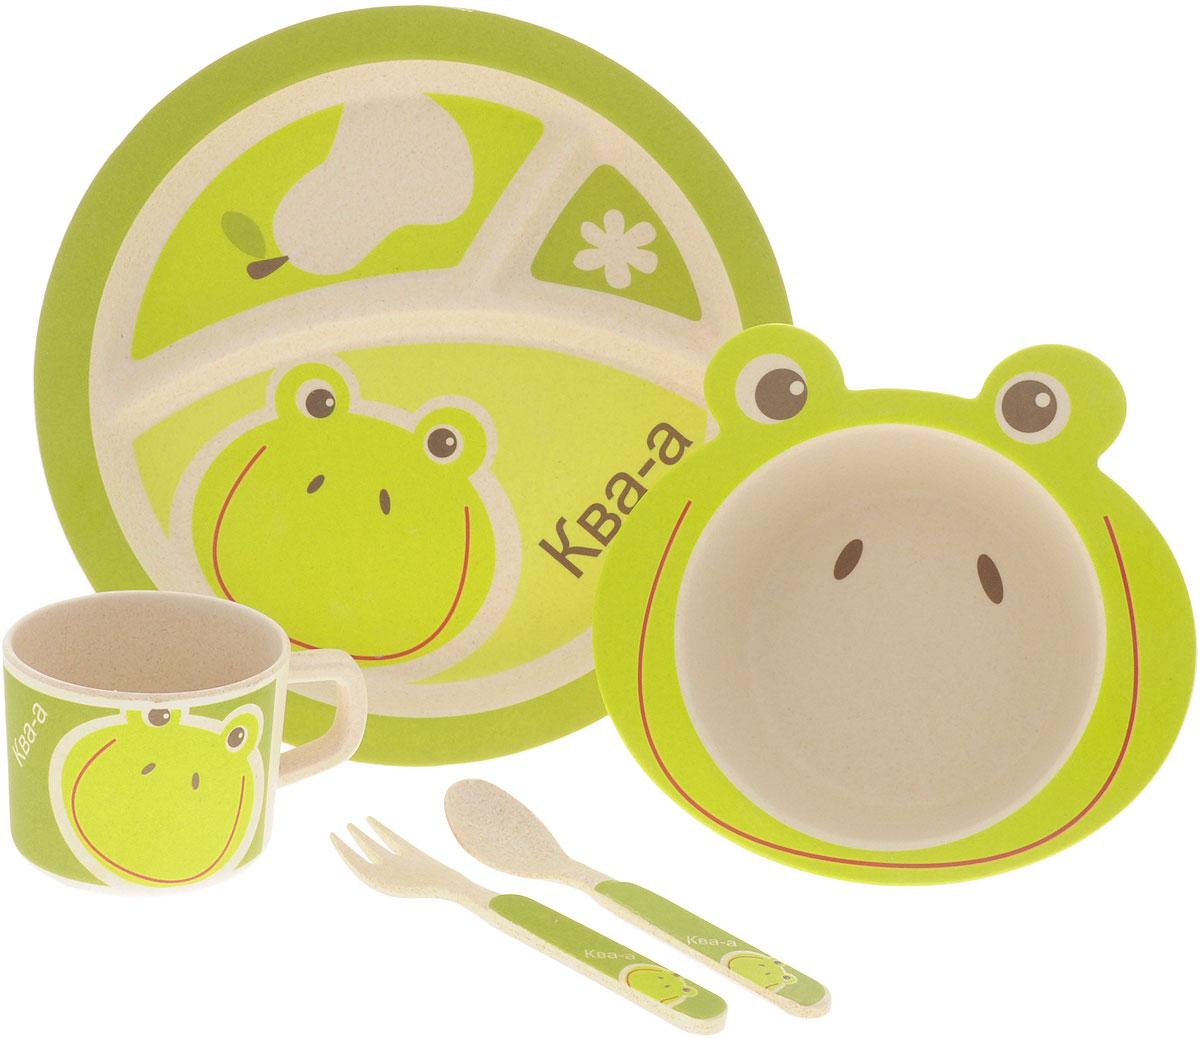 EcoWoo Набор детской посуды Лягушка 5 предметов